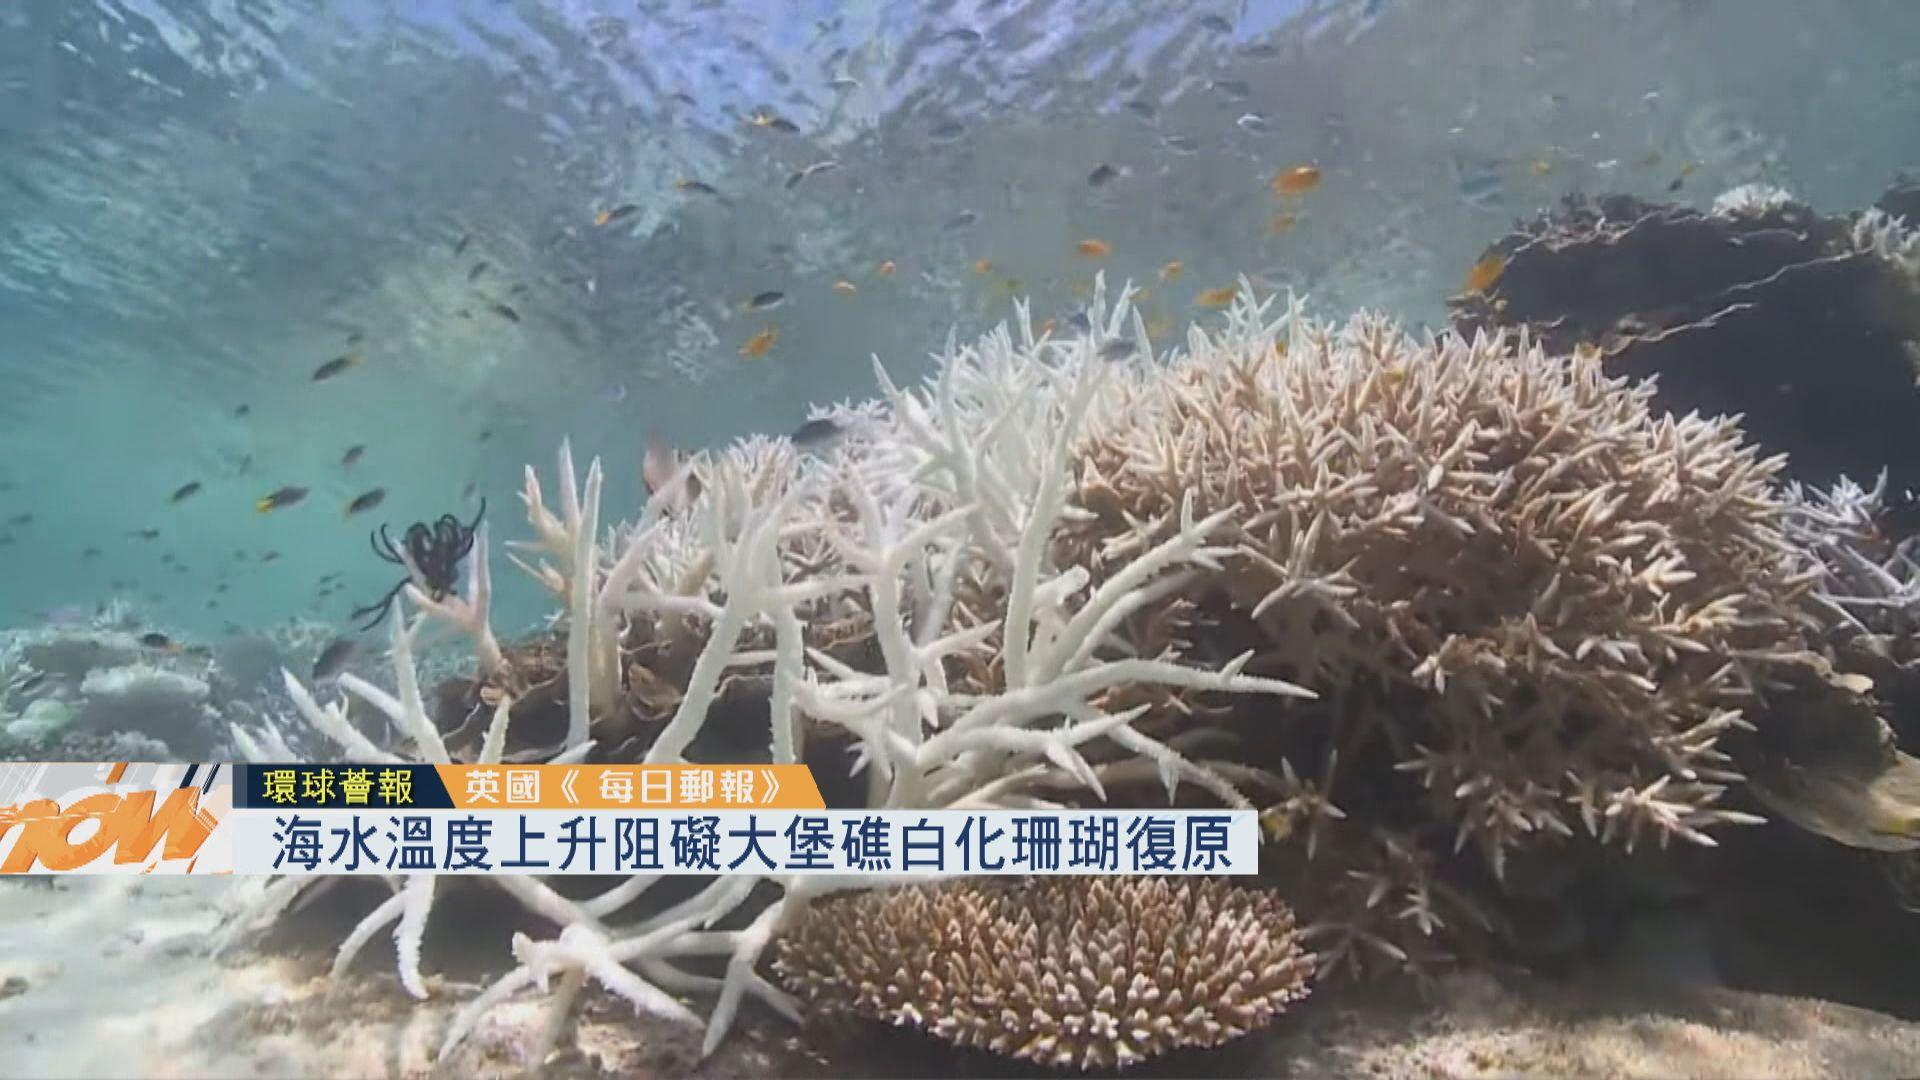 【環球薈報】海水溫度上升阻礙大堡礁白化珊瑚復原